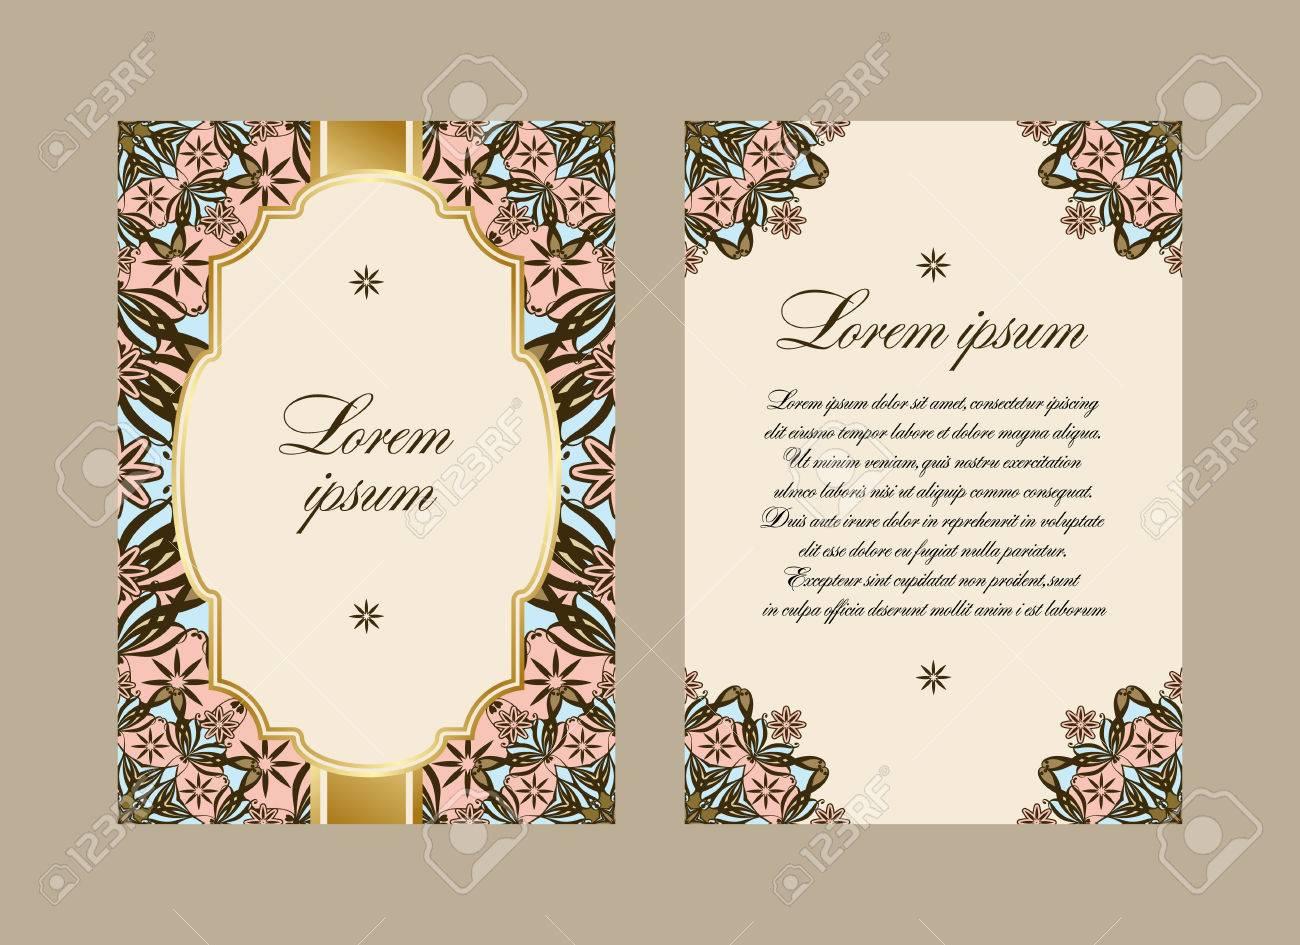 Tarjeta Elegante Con Un Mandala Patrón Floral Modelo Del Vector En Estilo Oriental Los Lados Anverso Y Reverso Perfecta Para La Enhorabuena O La